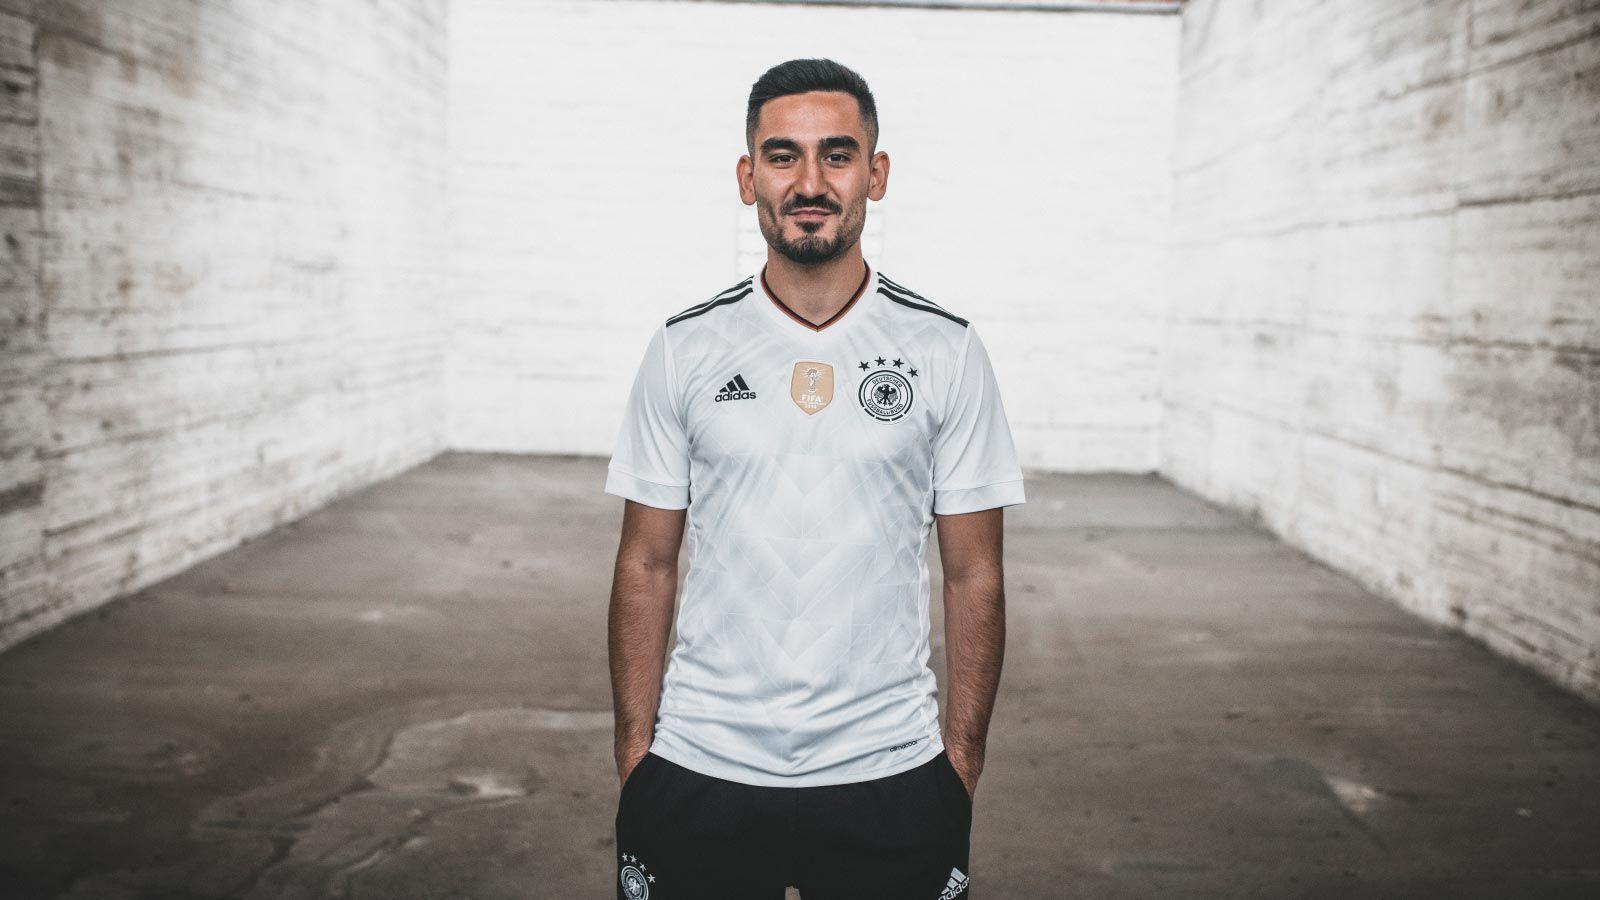 Camisa da Alemanha 2017-2018 Adidas Copa das Confederações ... 5da8e167a1a57